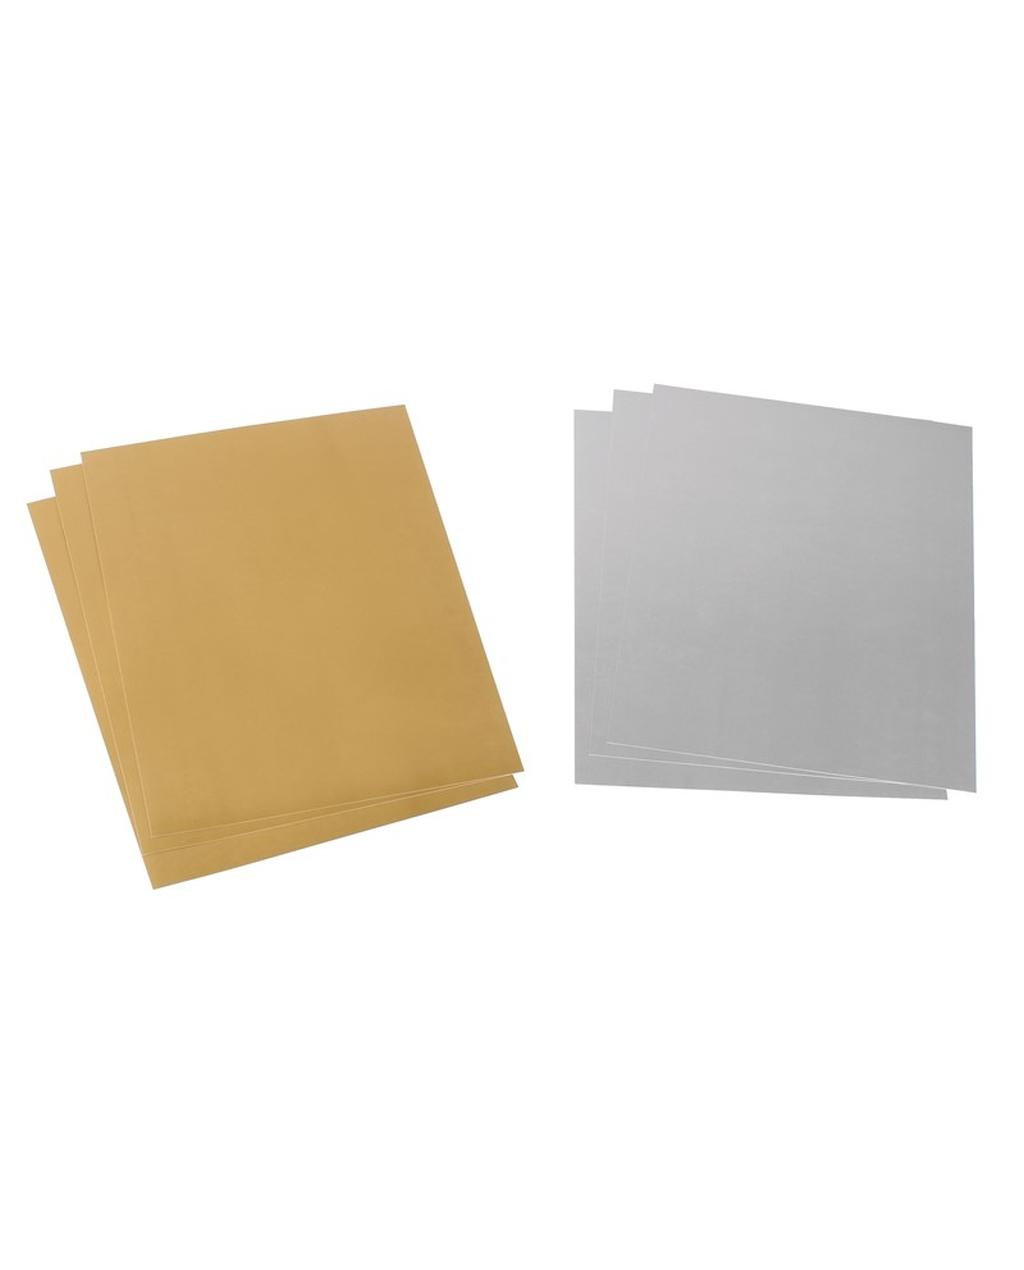 A4 Metallic Card - Gold 225gsm